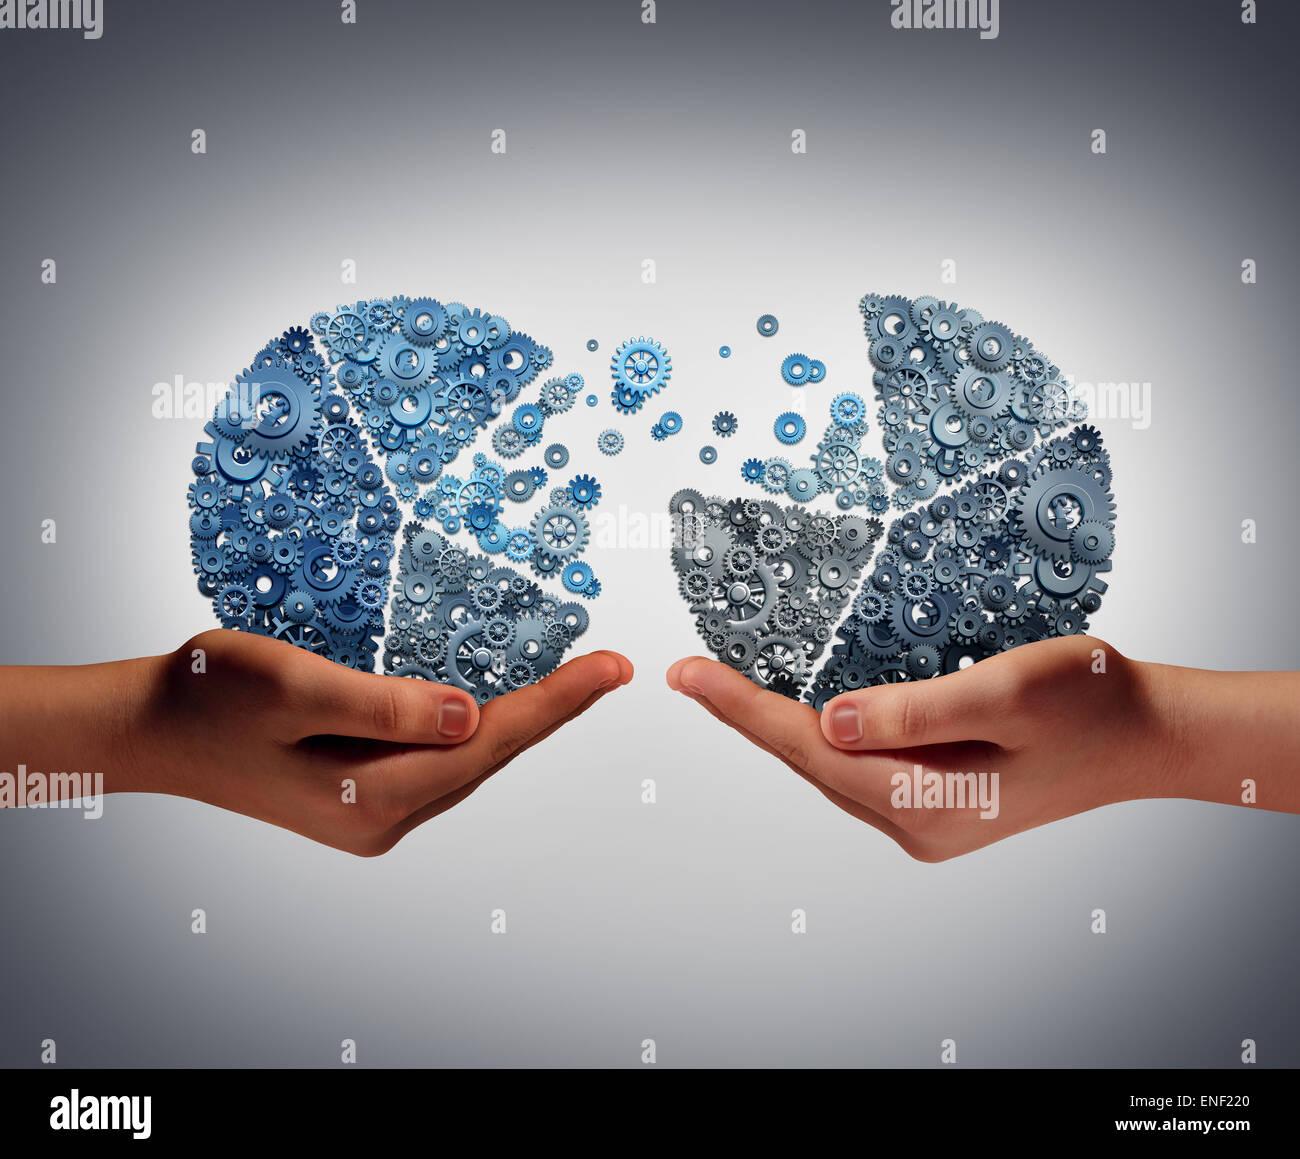 Investieren gemeinsam Geschäftskonzept und finanzielle Unterstützung von Innovationen, als zwei Personen Stockbild